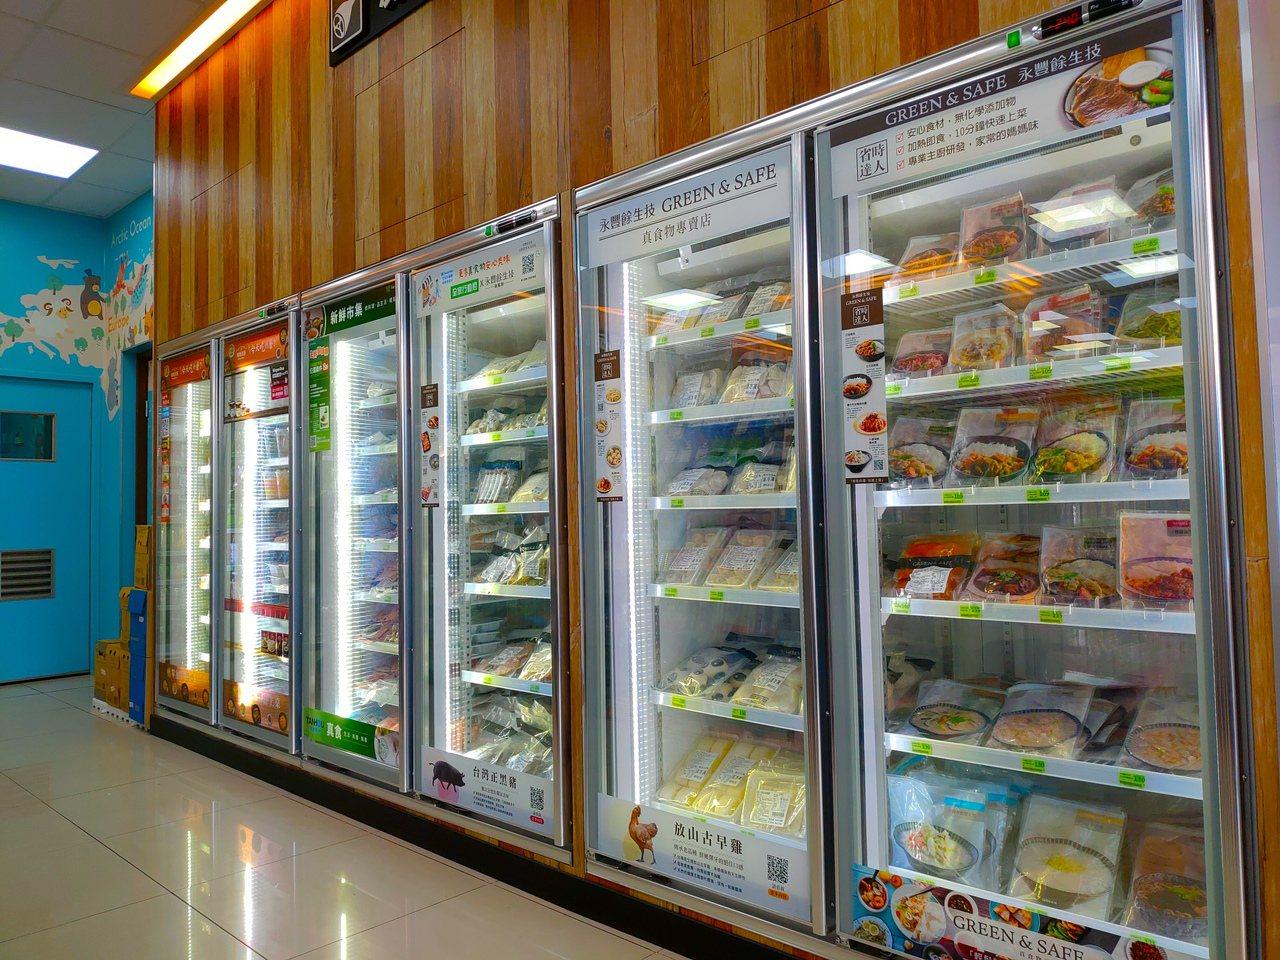 全家「淡水海都店」、「龜山新城店」為最新冷凍機能型店舖。 圖/全家提供